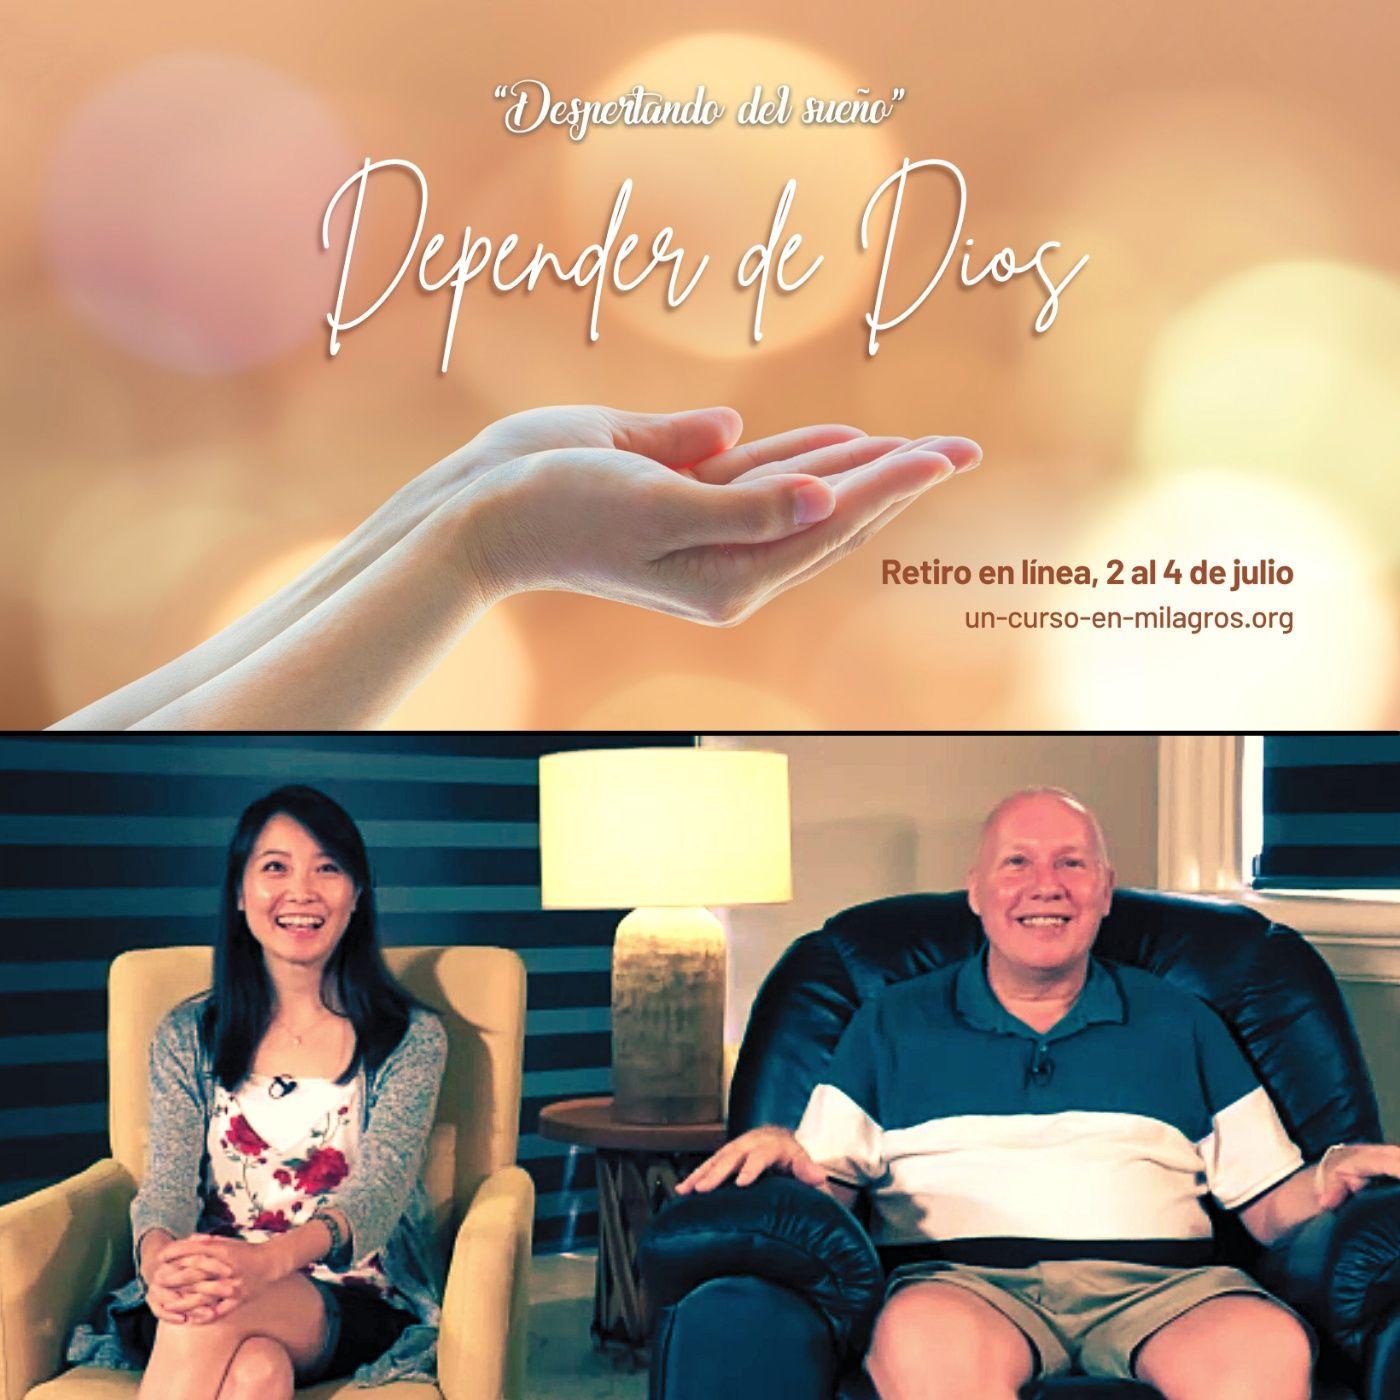 Retiro en línea «Depender de Dios»: Sesión de cierre con David Hoffmeister y Frances Xu